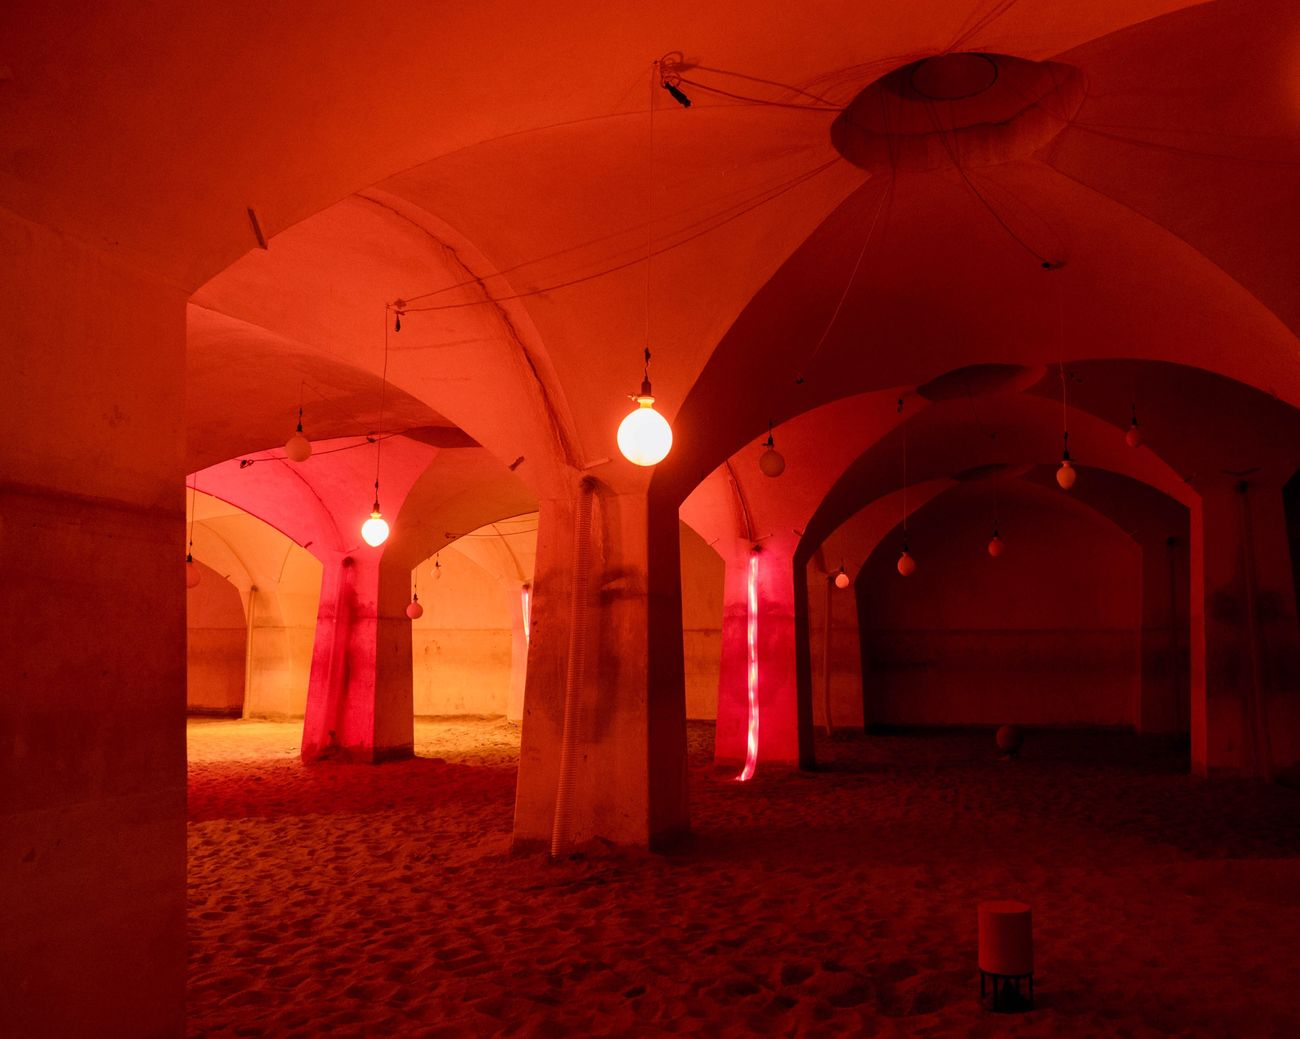 Illuminated Indoors  No People Architecture Day Red Urbanphotography The Architect - 2017 EyeEm Awards